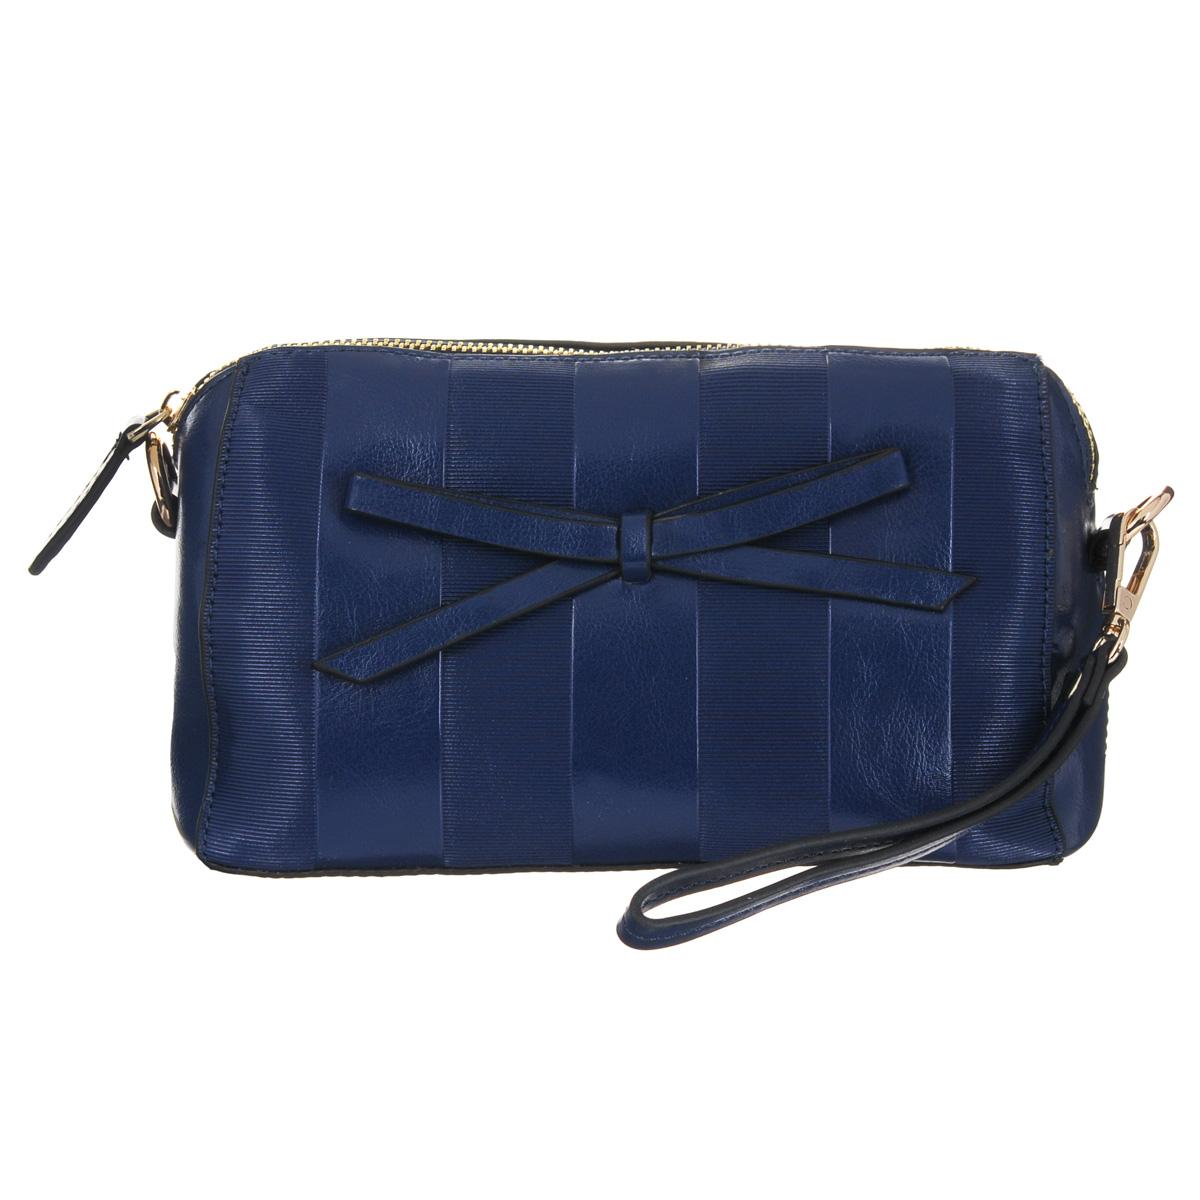 Сумка женская Fancy's Bag, цвет: темно-синий. 12086